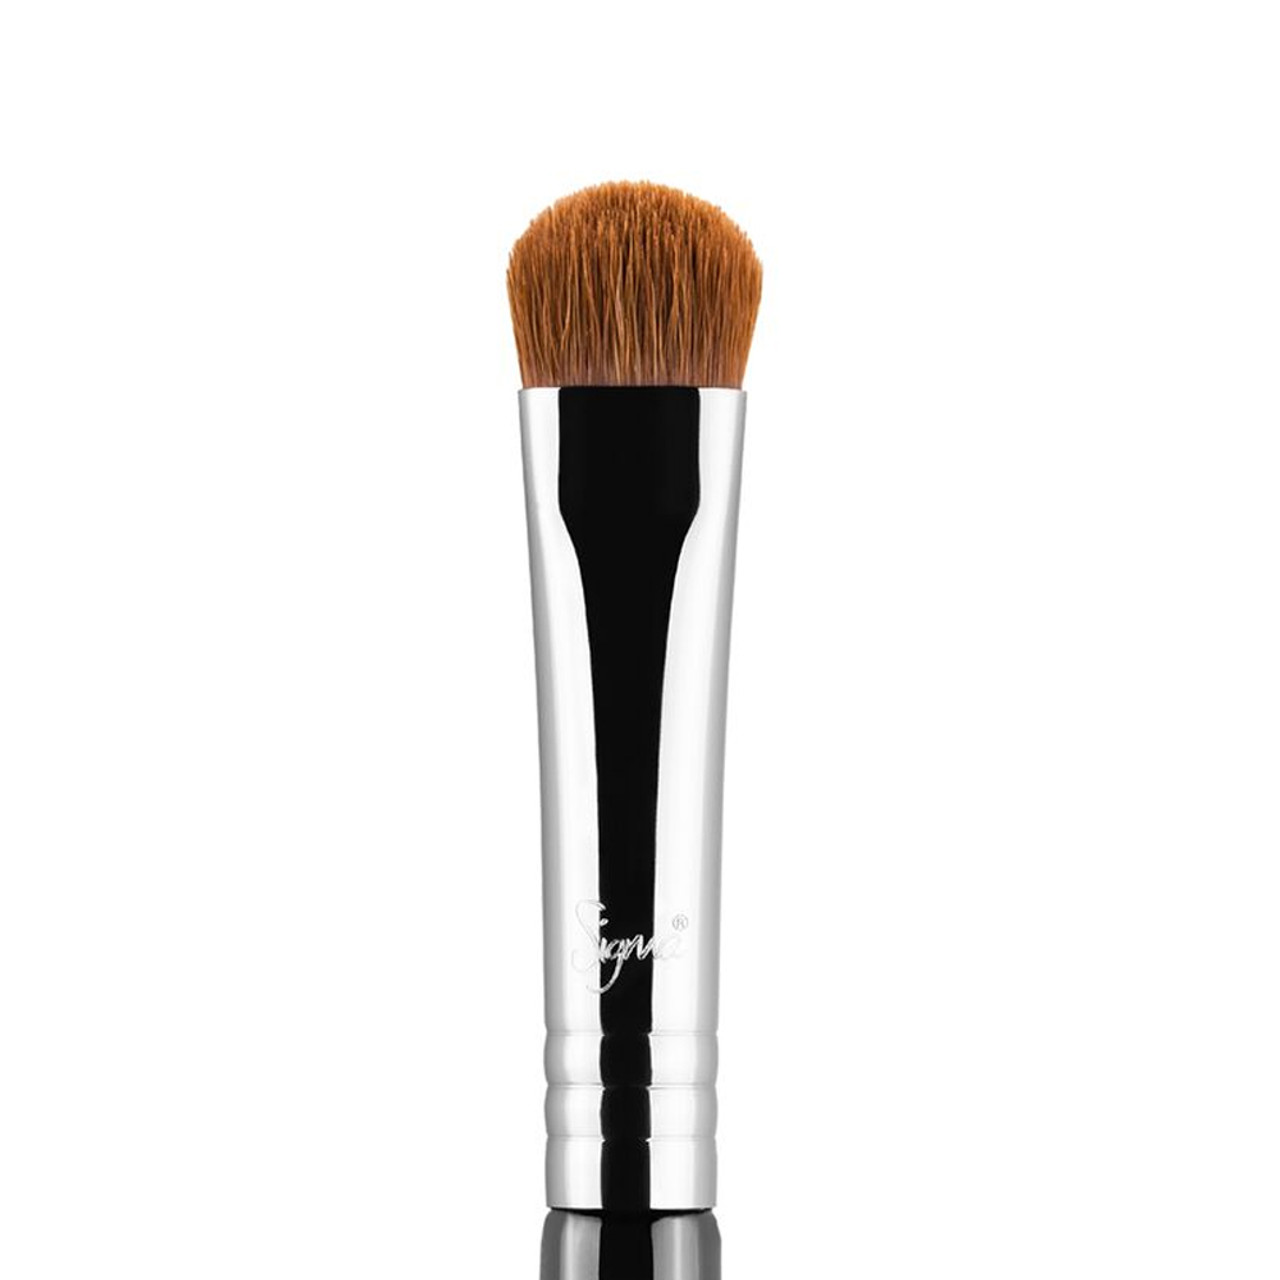 Sigma Beauty E55 - Eye Shading Brush